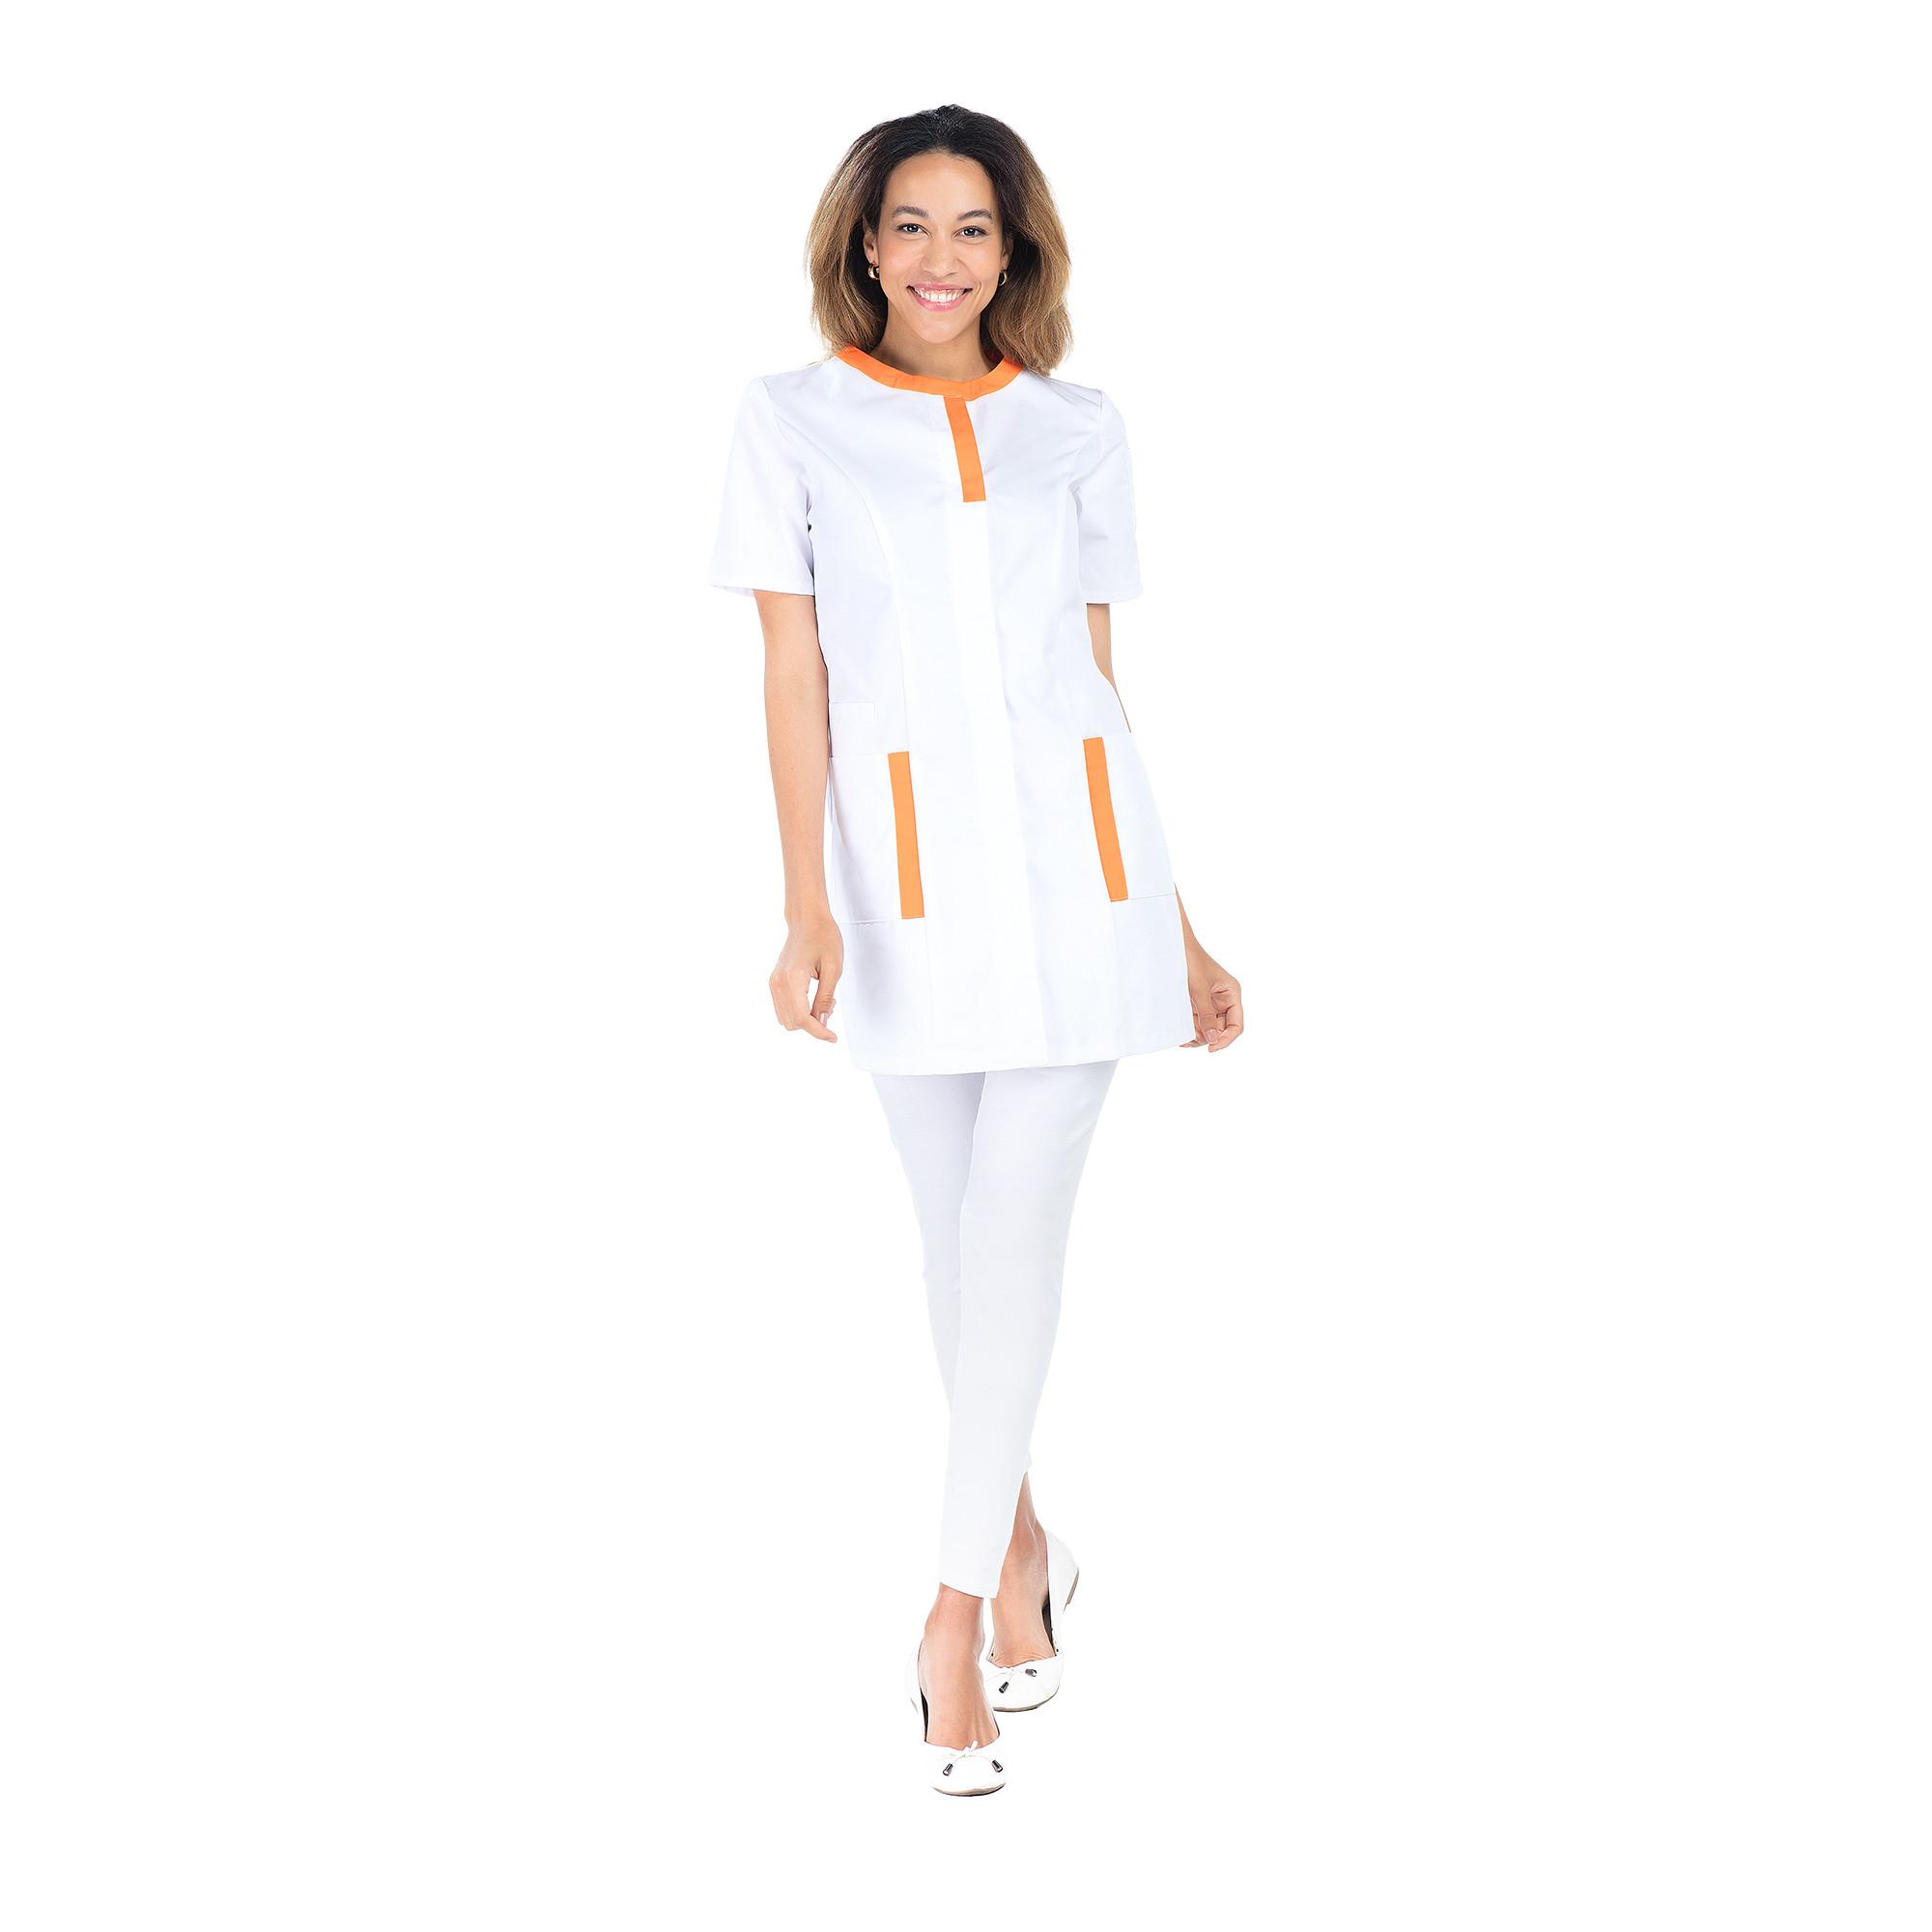 Myriam - Blouse 3/4 - Manches courtes - Femme - 85 cm